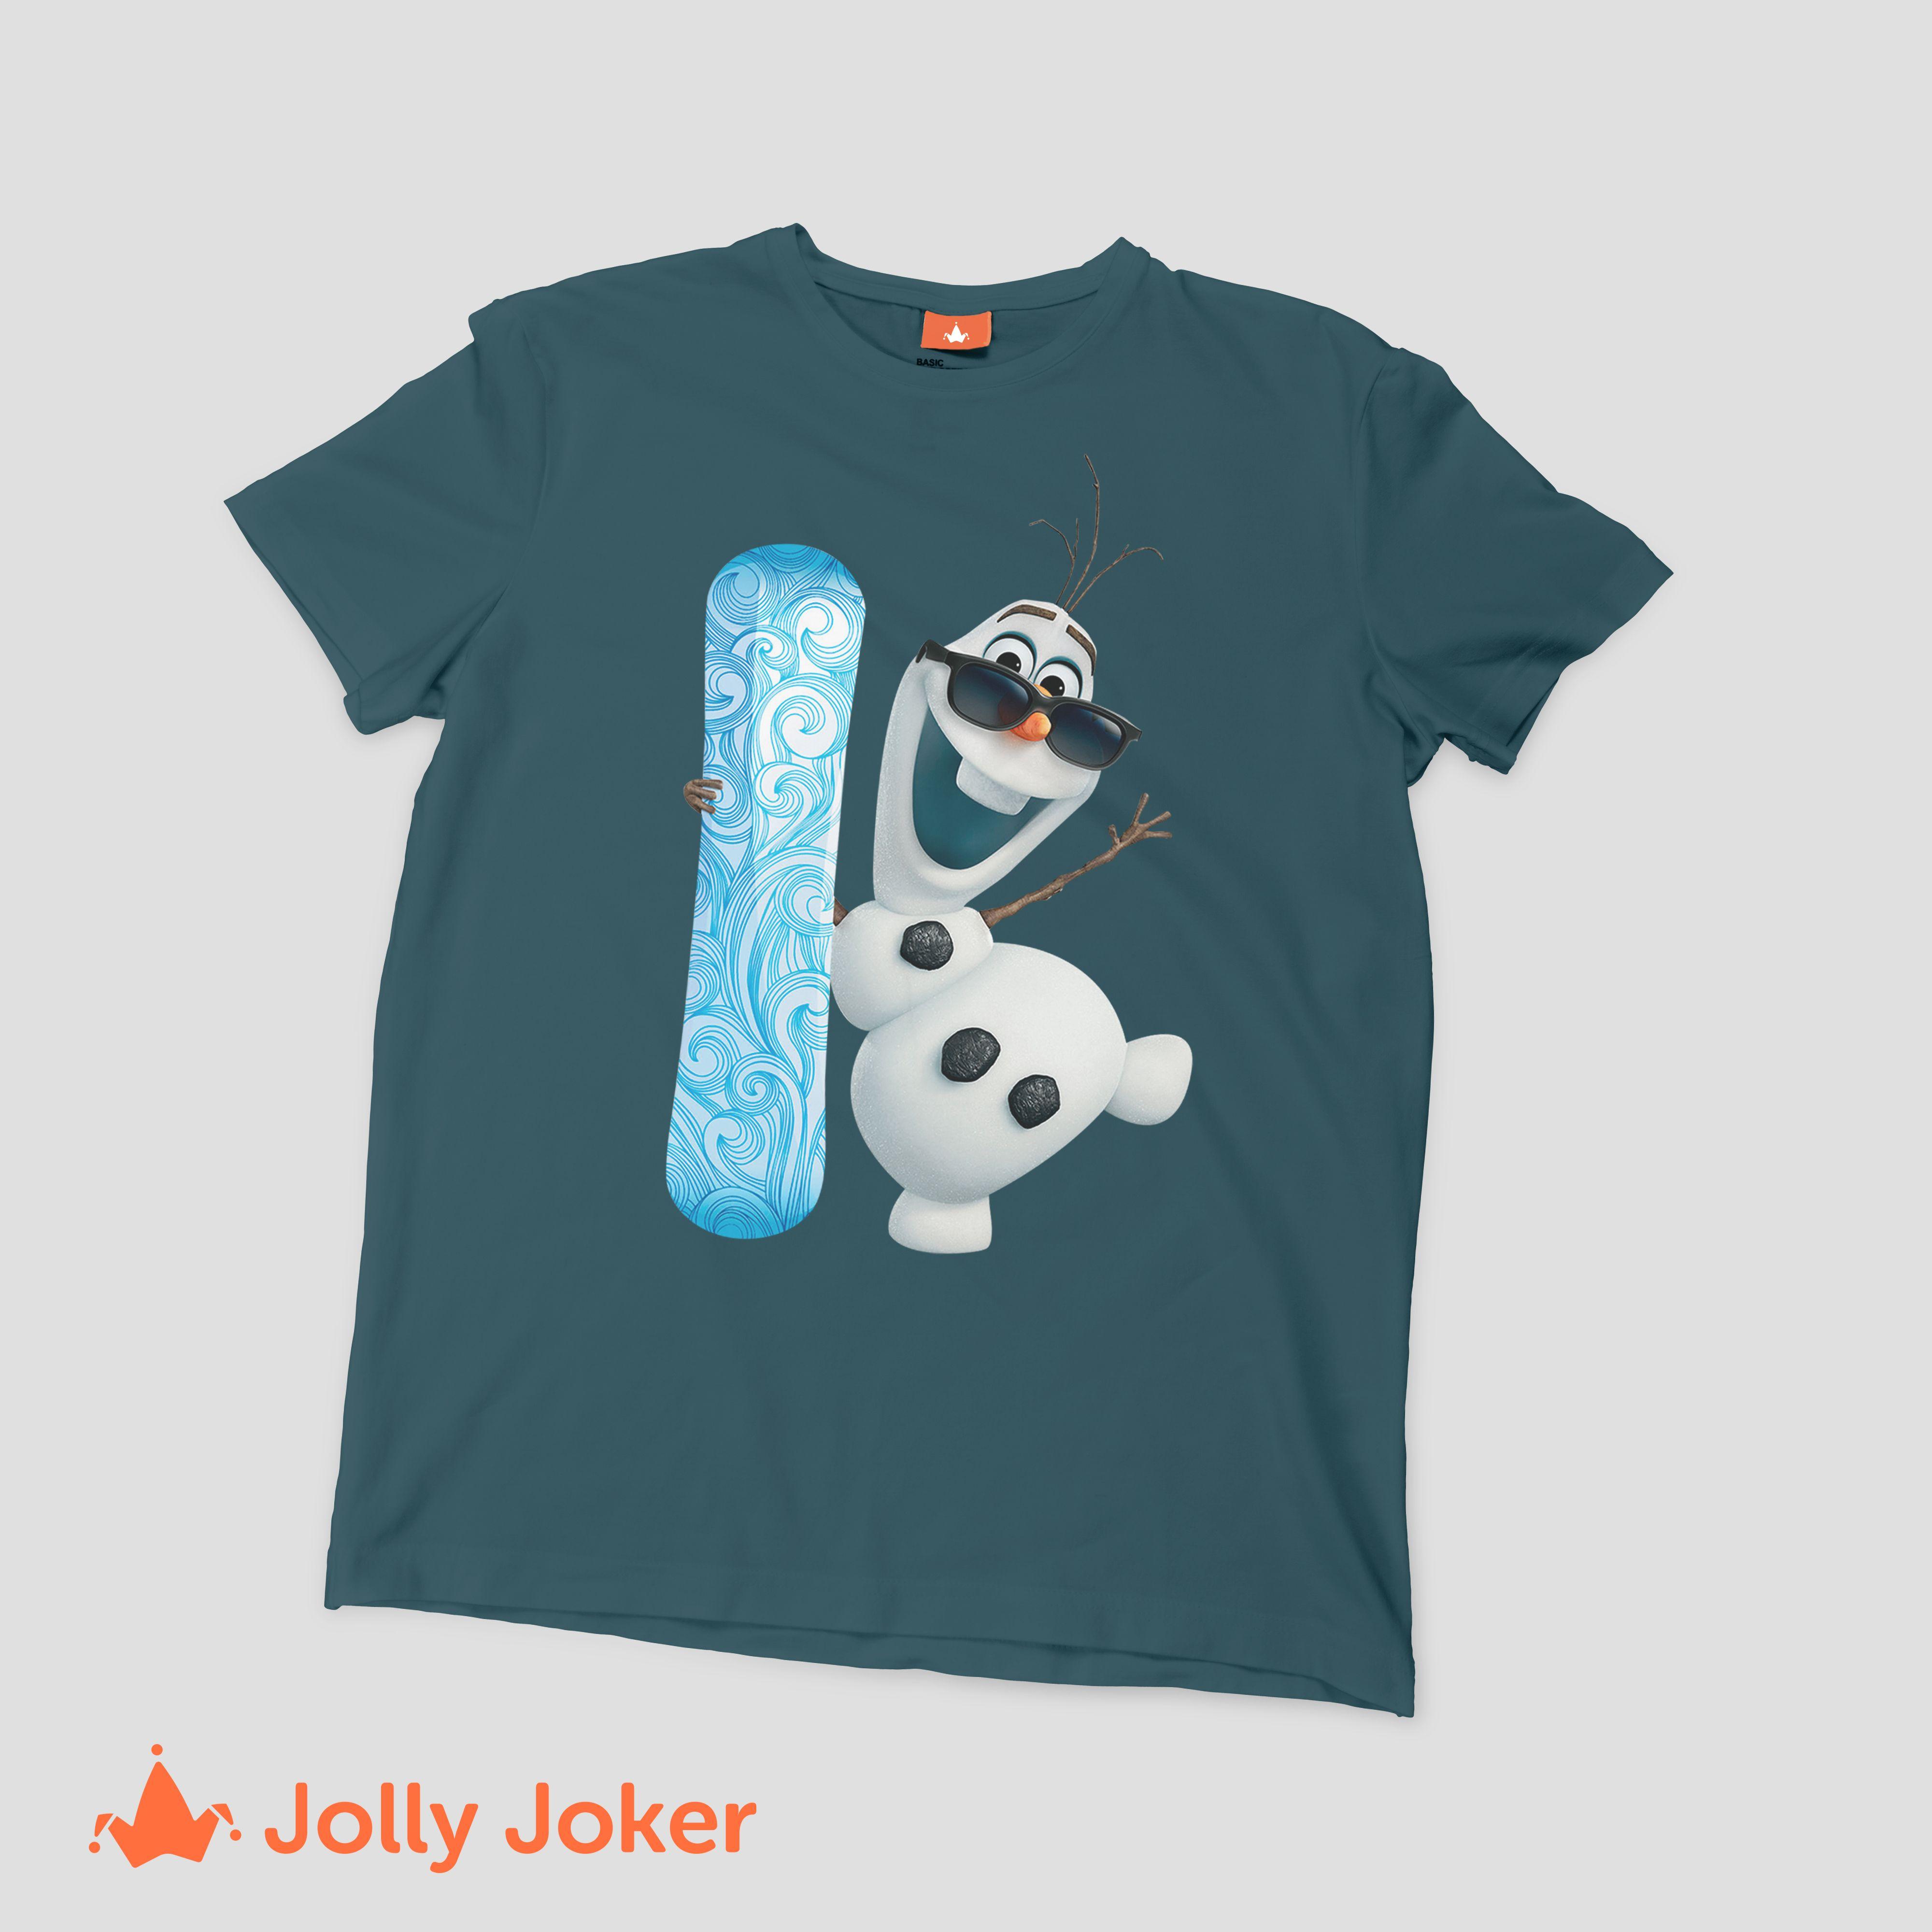 Crea y diseña tu camiseta como quieras 581a678096c